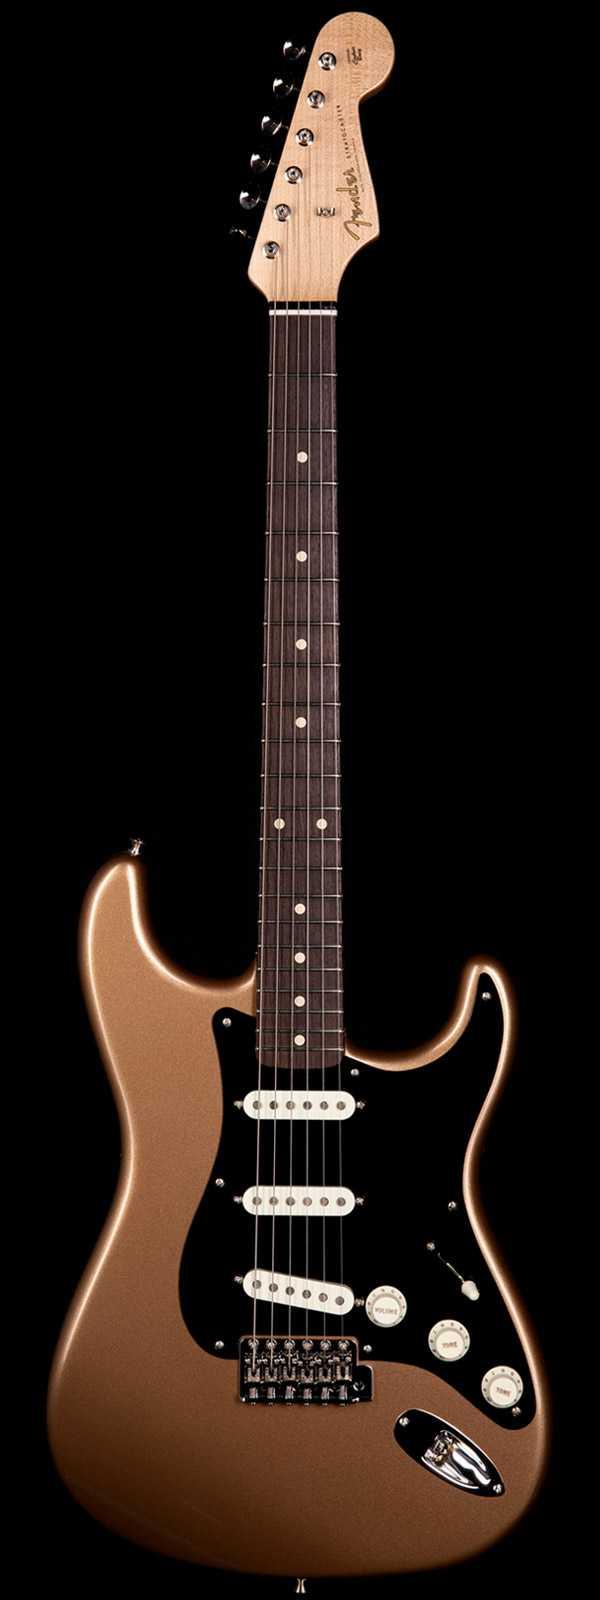 Fender Custom Shop 1963 Stratocaster NOS Roasted Alder Body Firemist Gold